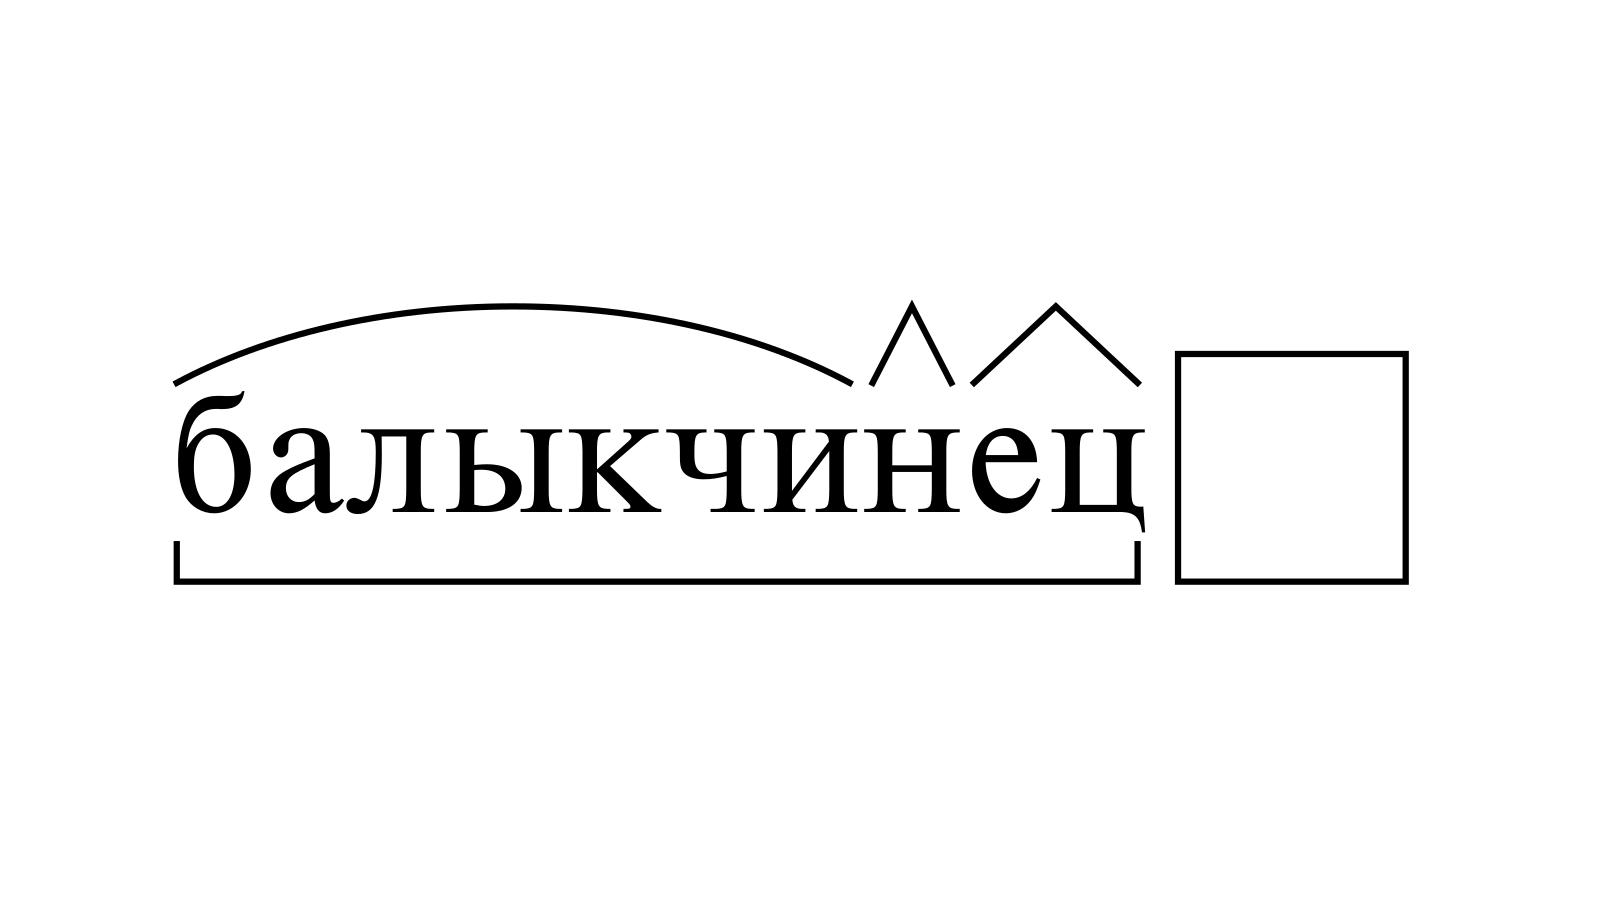 Разбор слова «балыкчинец» по составу